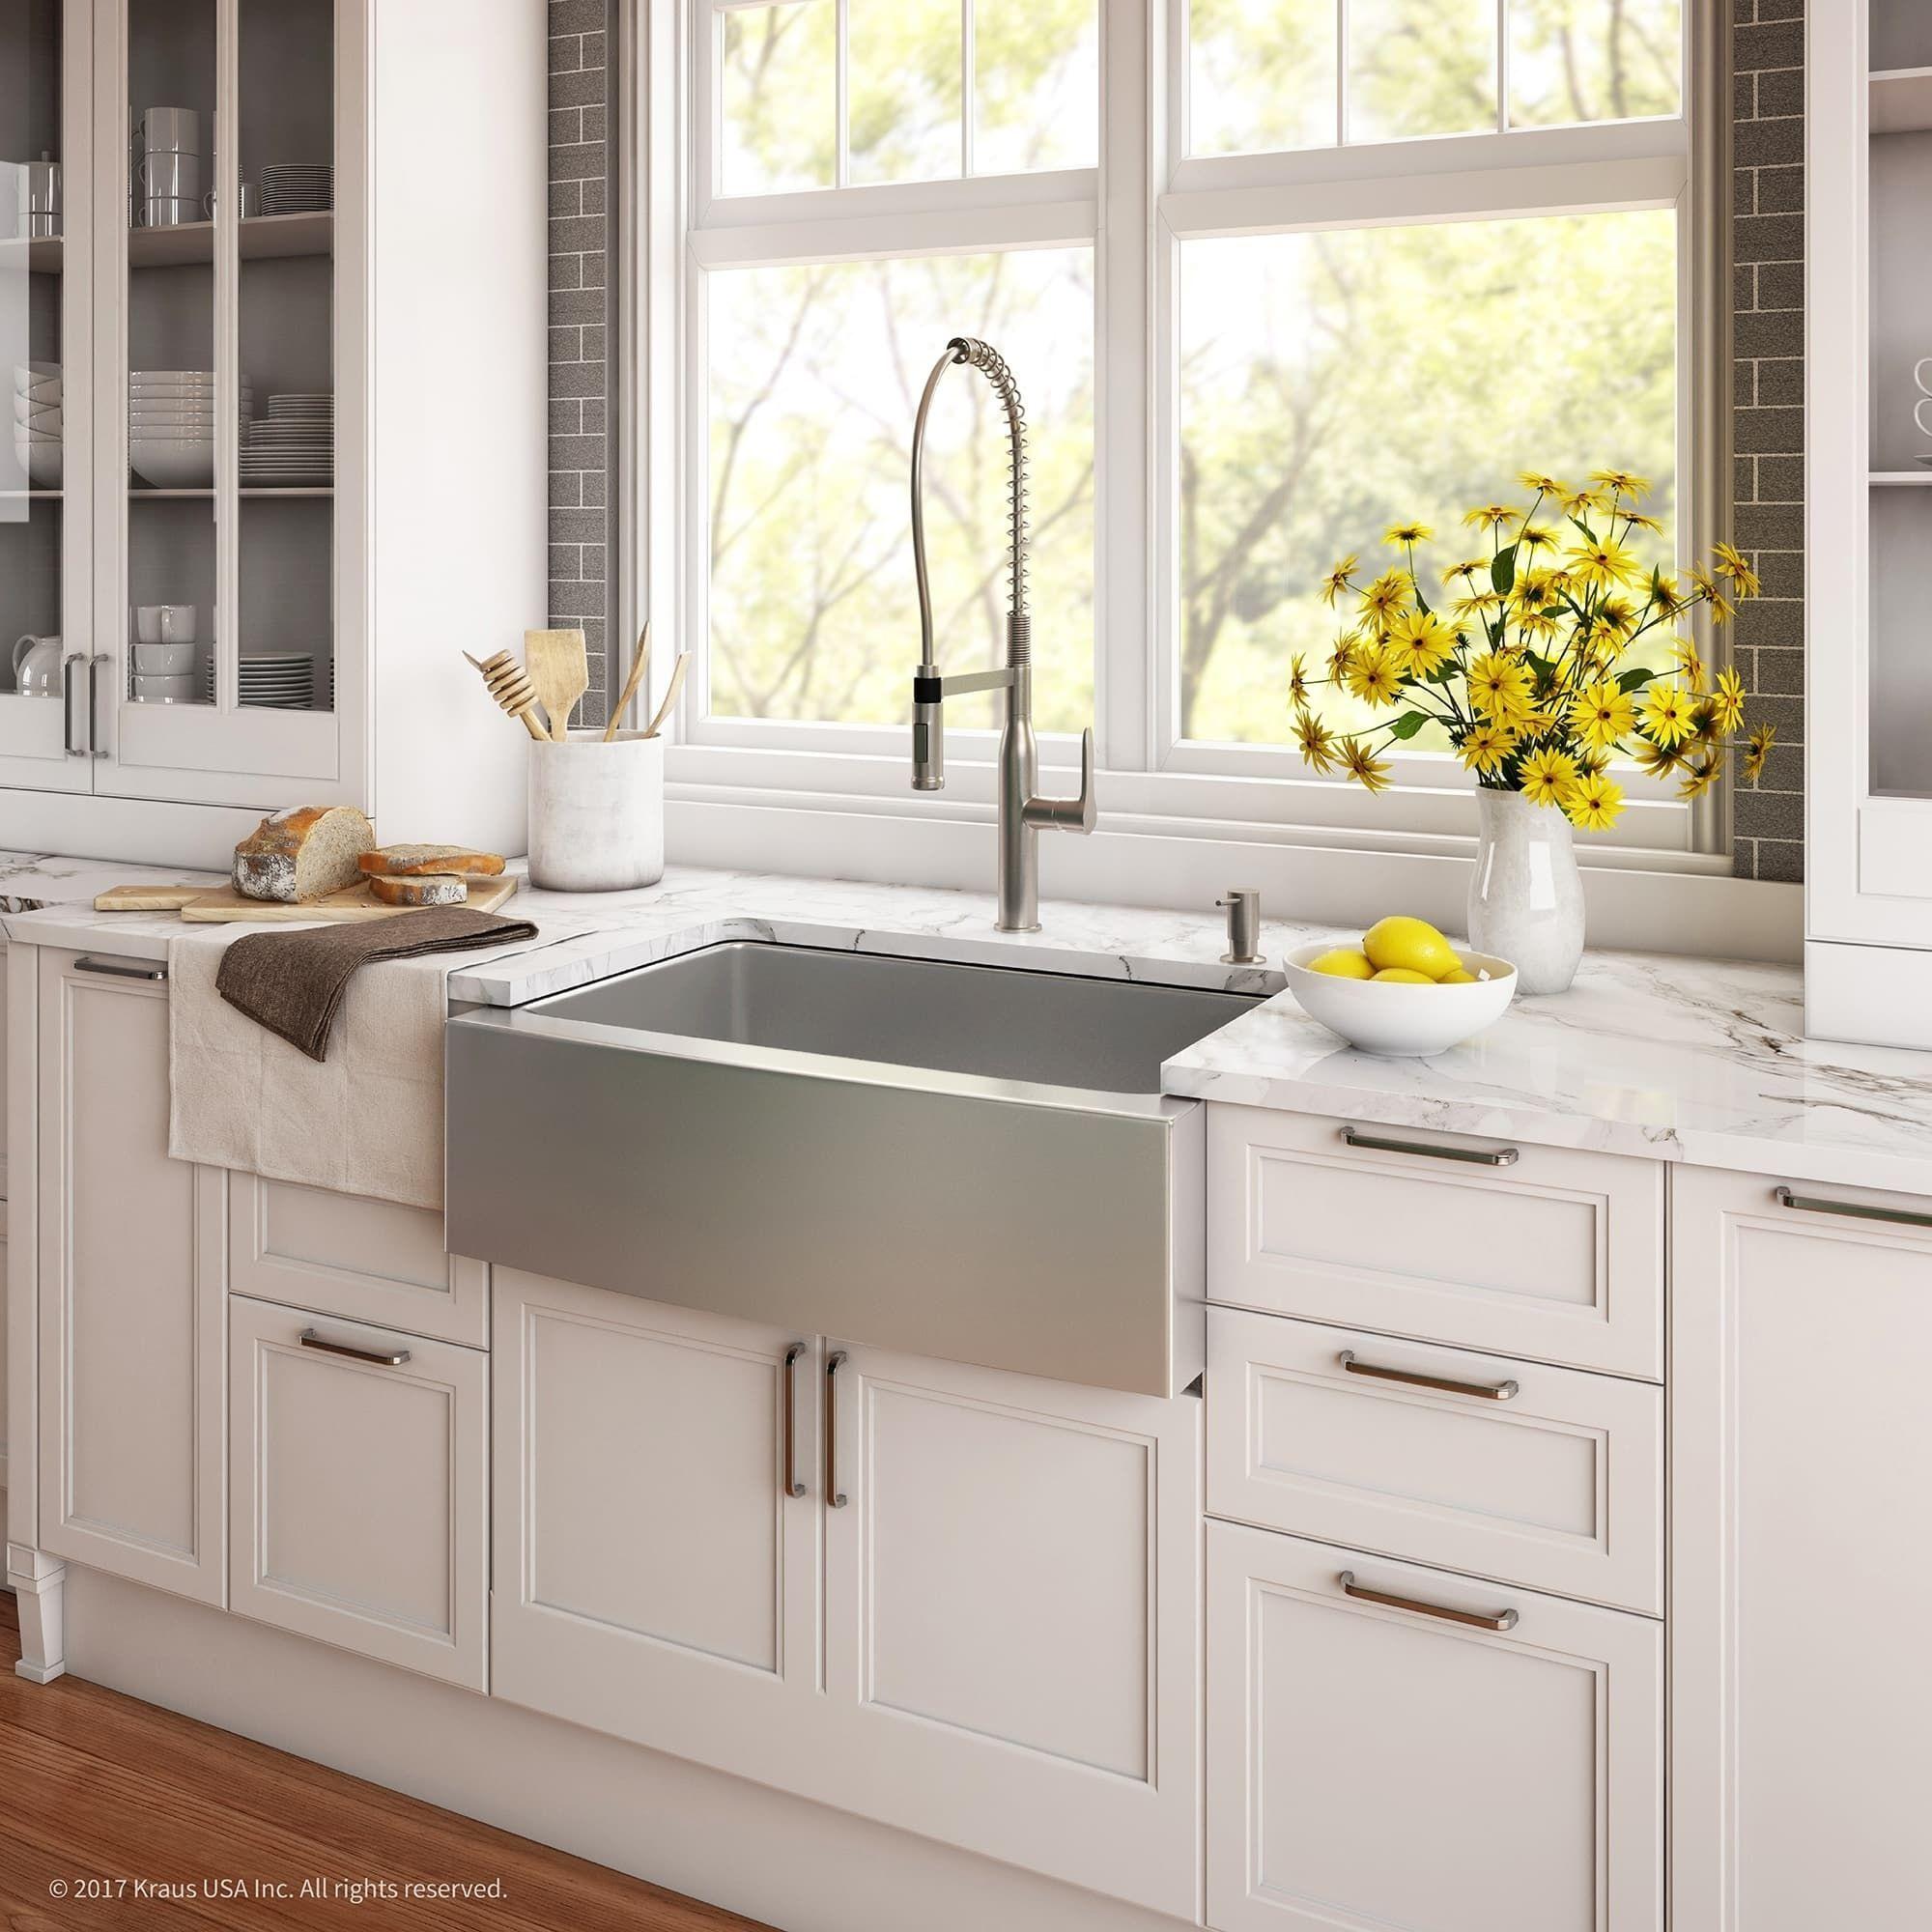 Kraus Farmhouse Sink 33.Kraus 33 Farmhouse Sink With Nola Commercial Faucet Soap